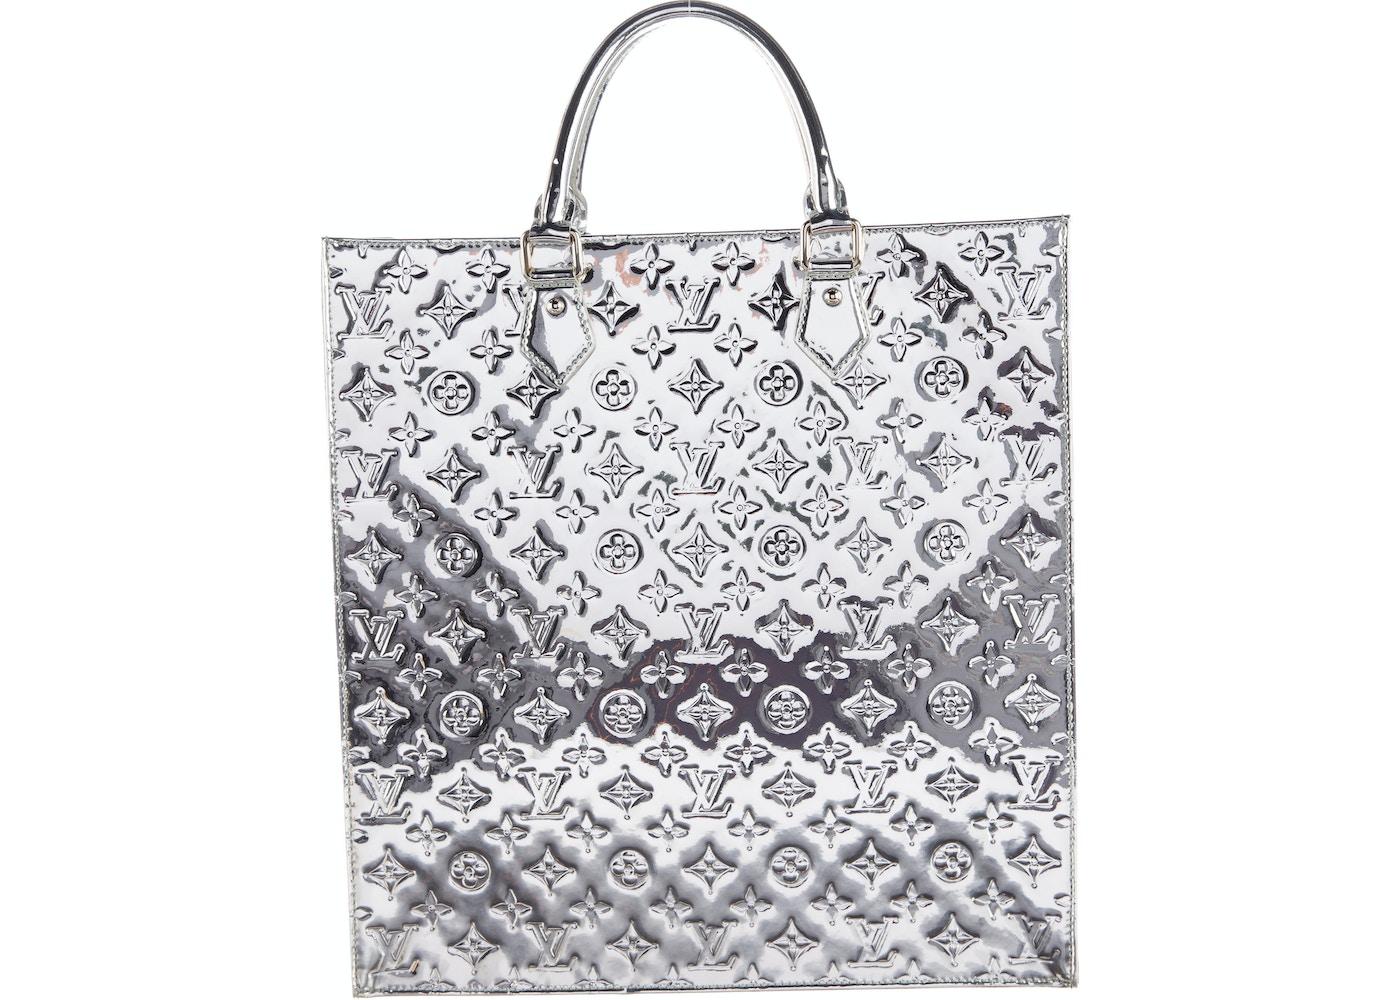 Louis Vuitton Sac Plat Monogram Miroir Silver 2bfa9badce1c